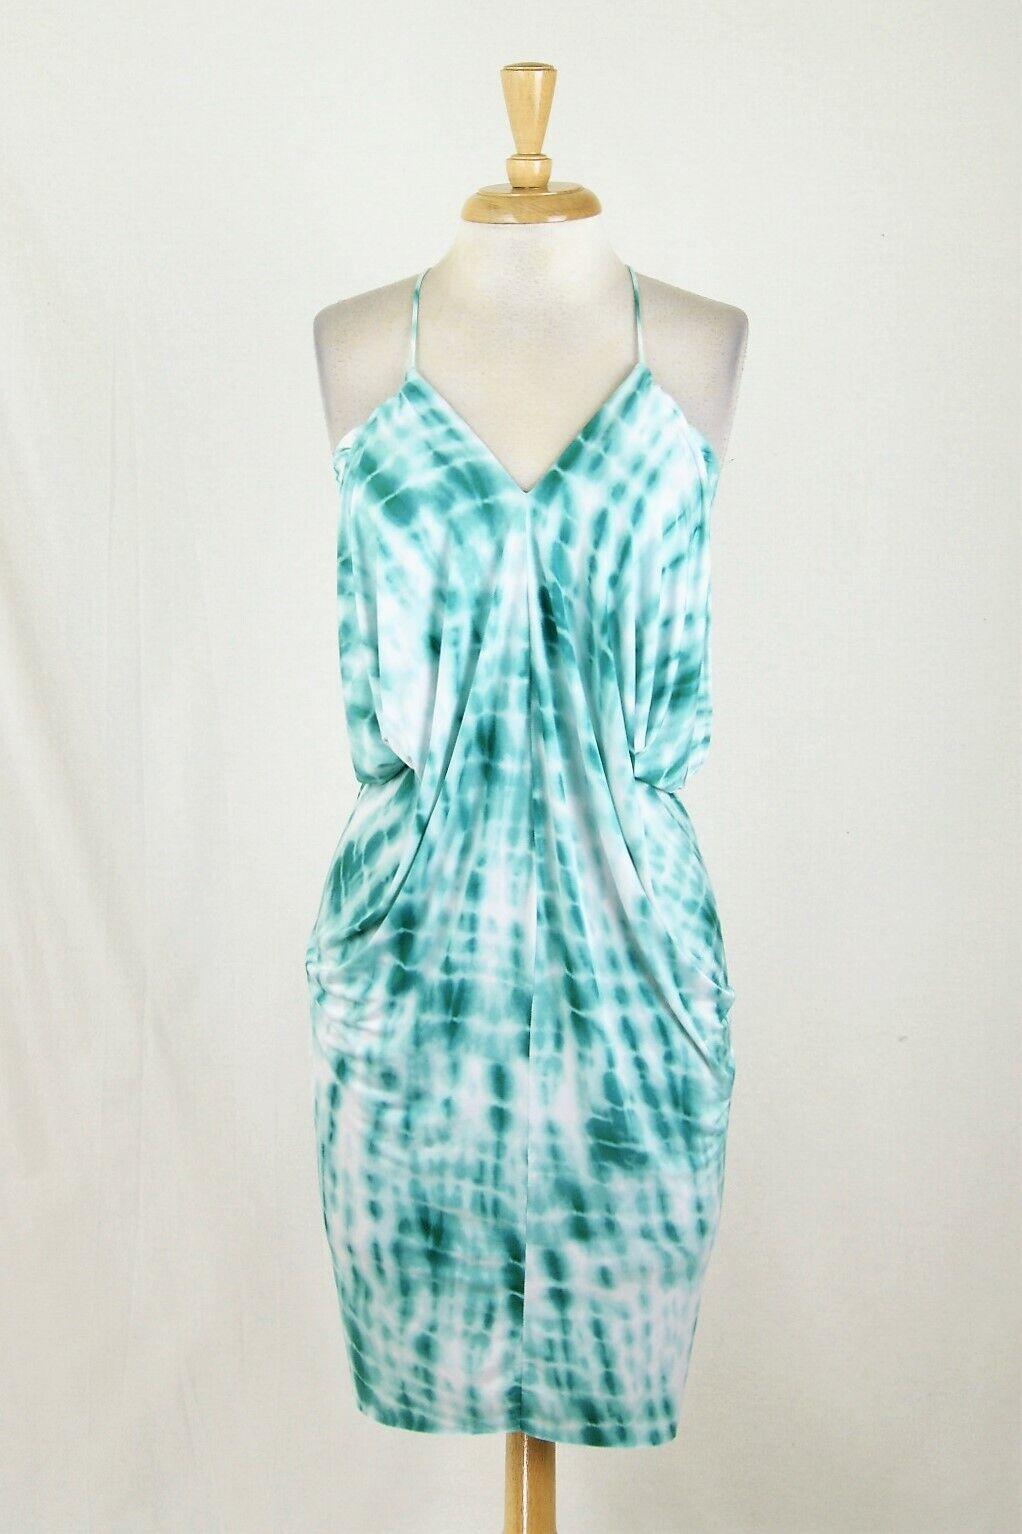 Nuevo Tbags Los Angeles verde Azulado  blancooo Vestido elástico Tie Dye Drapeado Talla XS  mejor marca